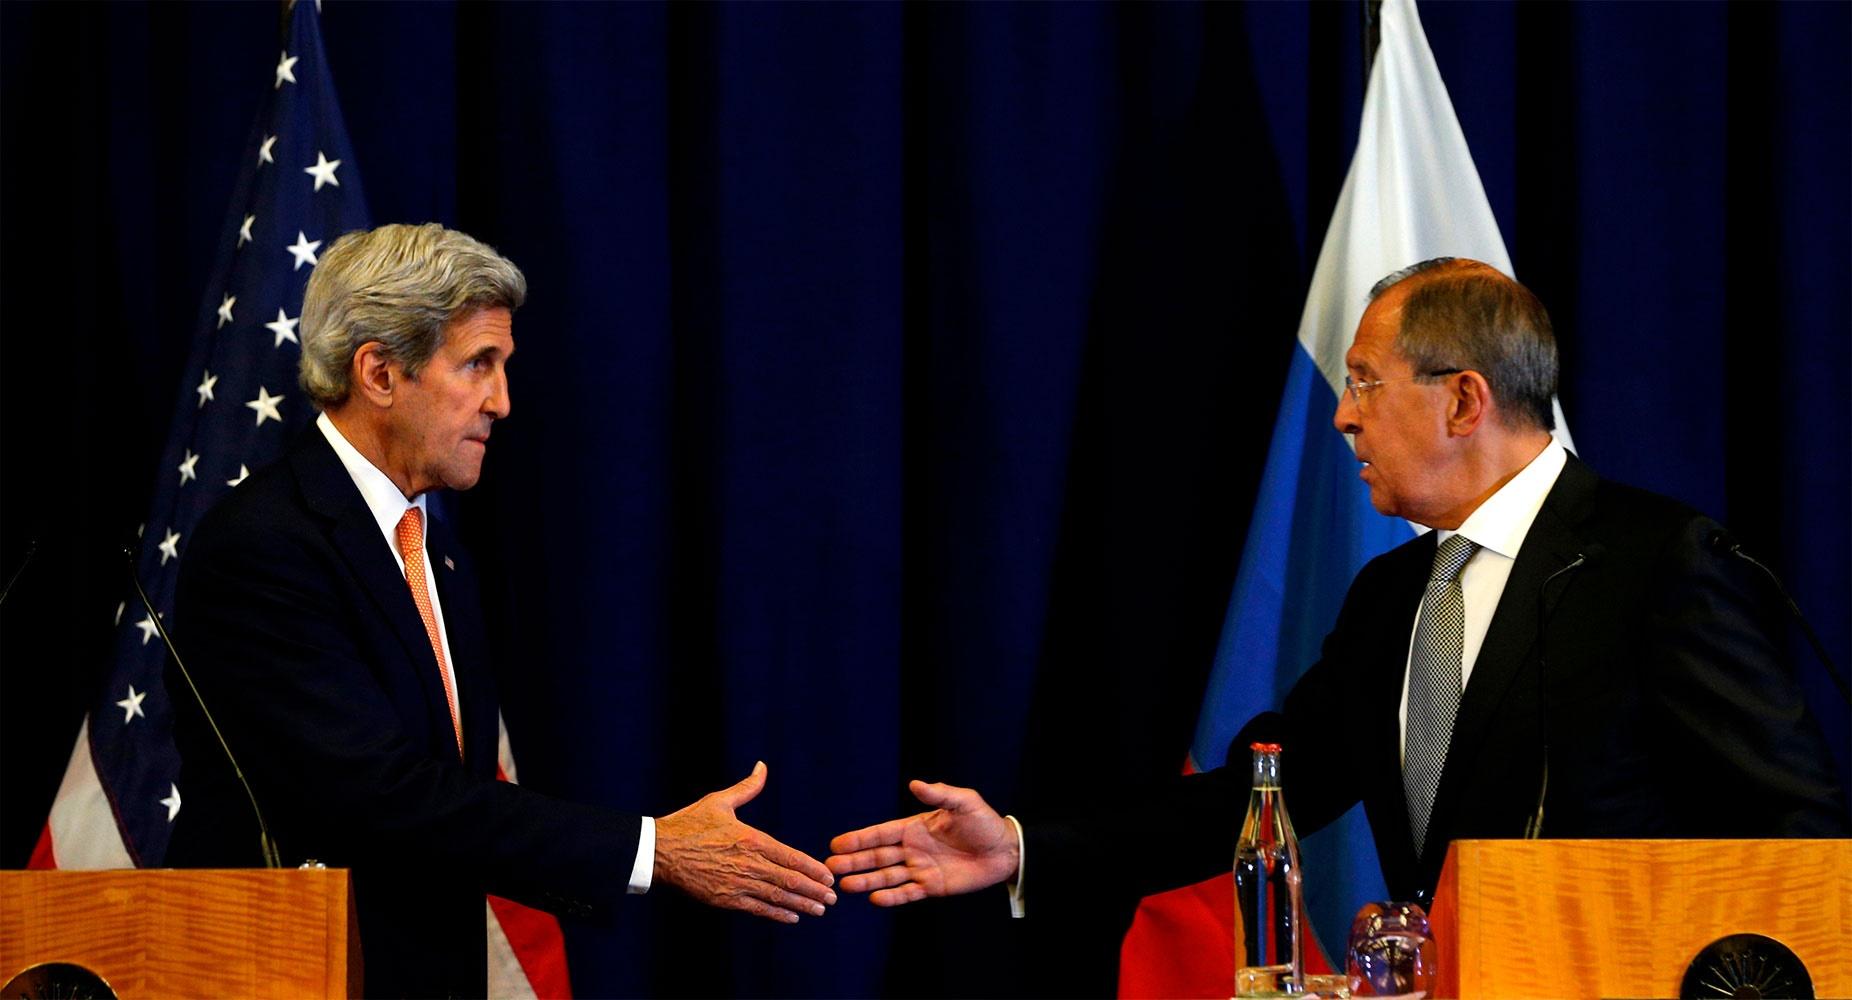 موافقتنامه لاوروف و کری در مورد سوریه چه بود؟